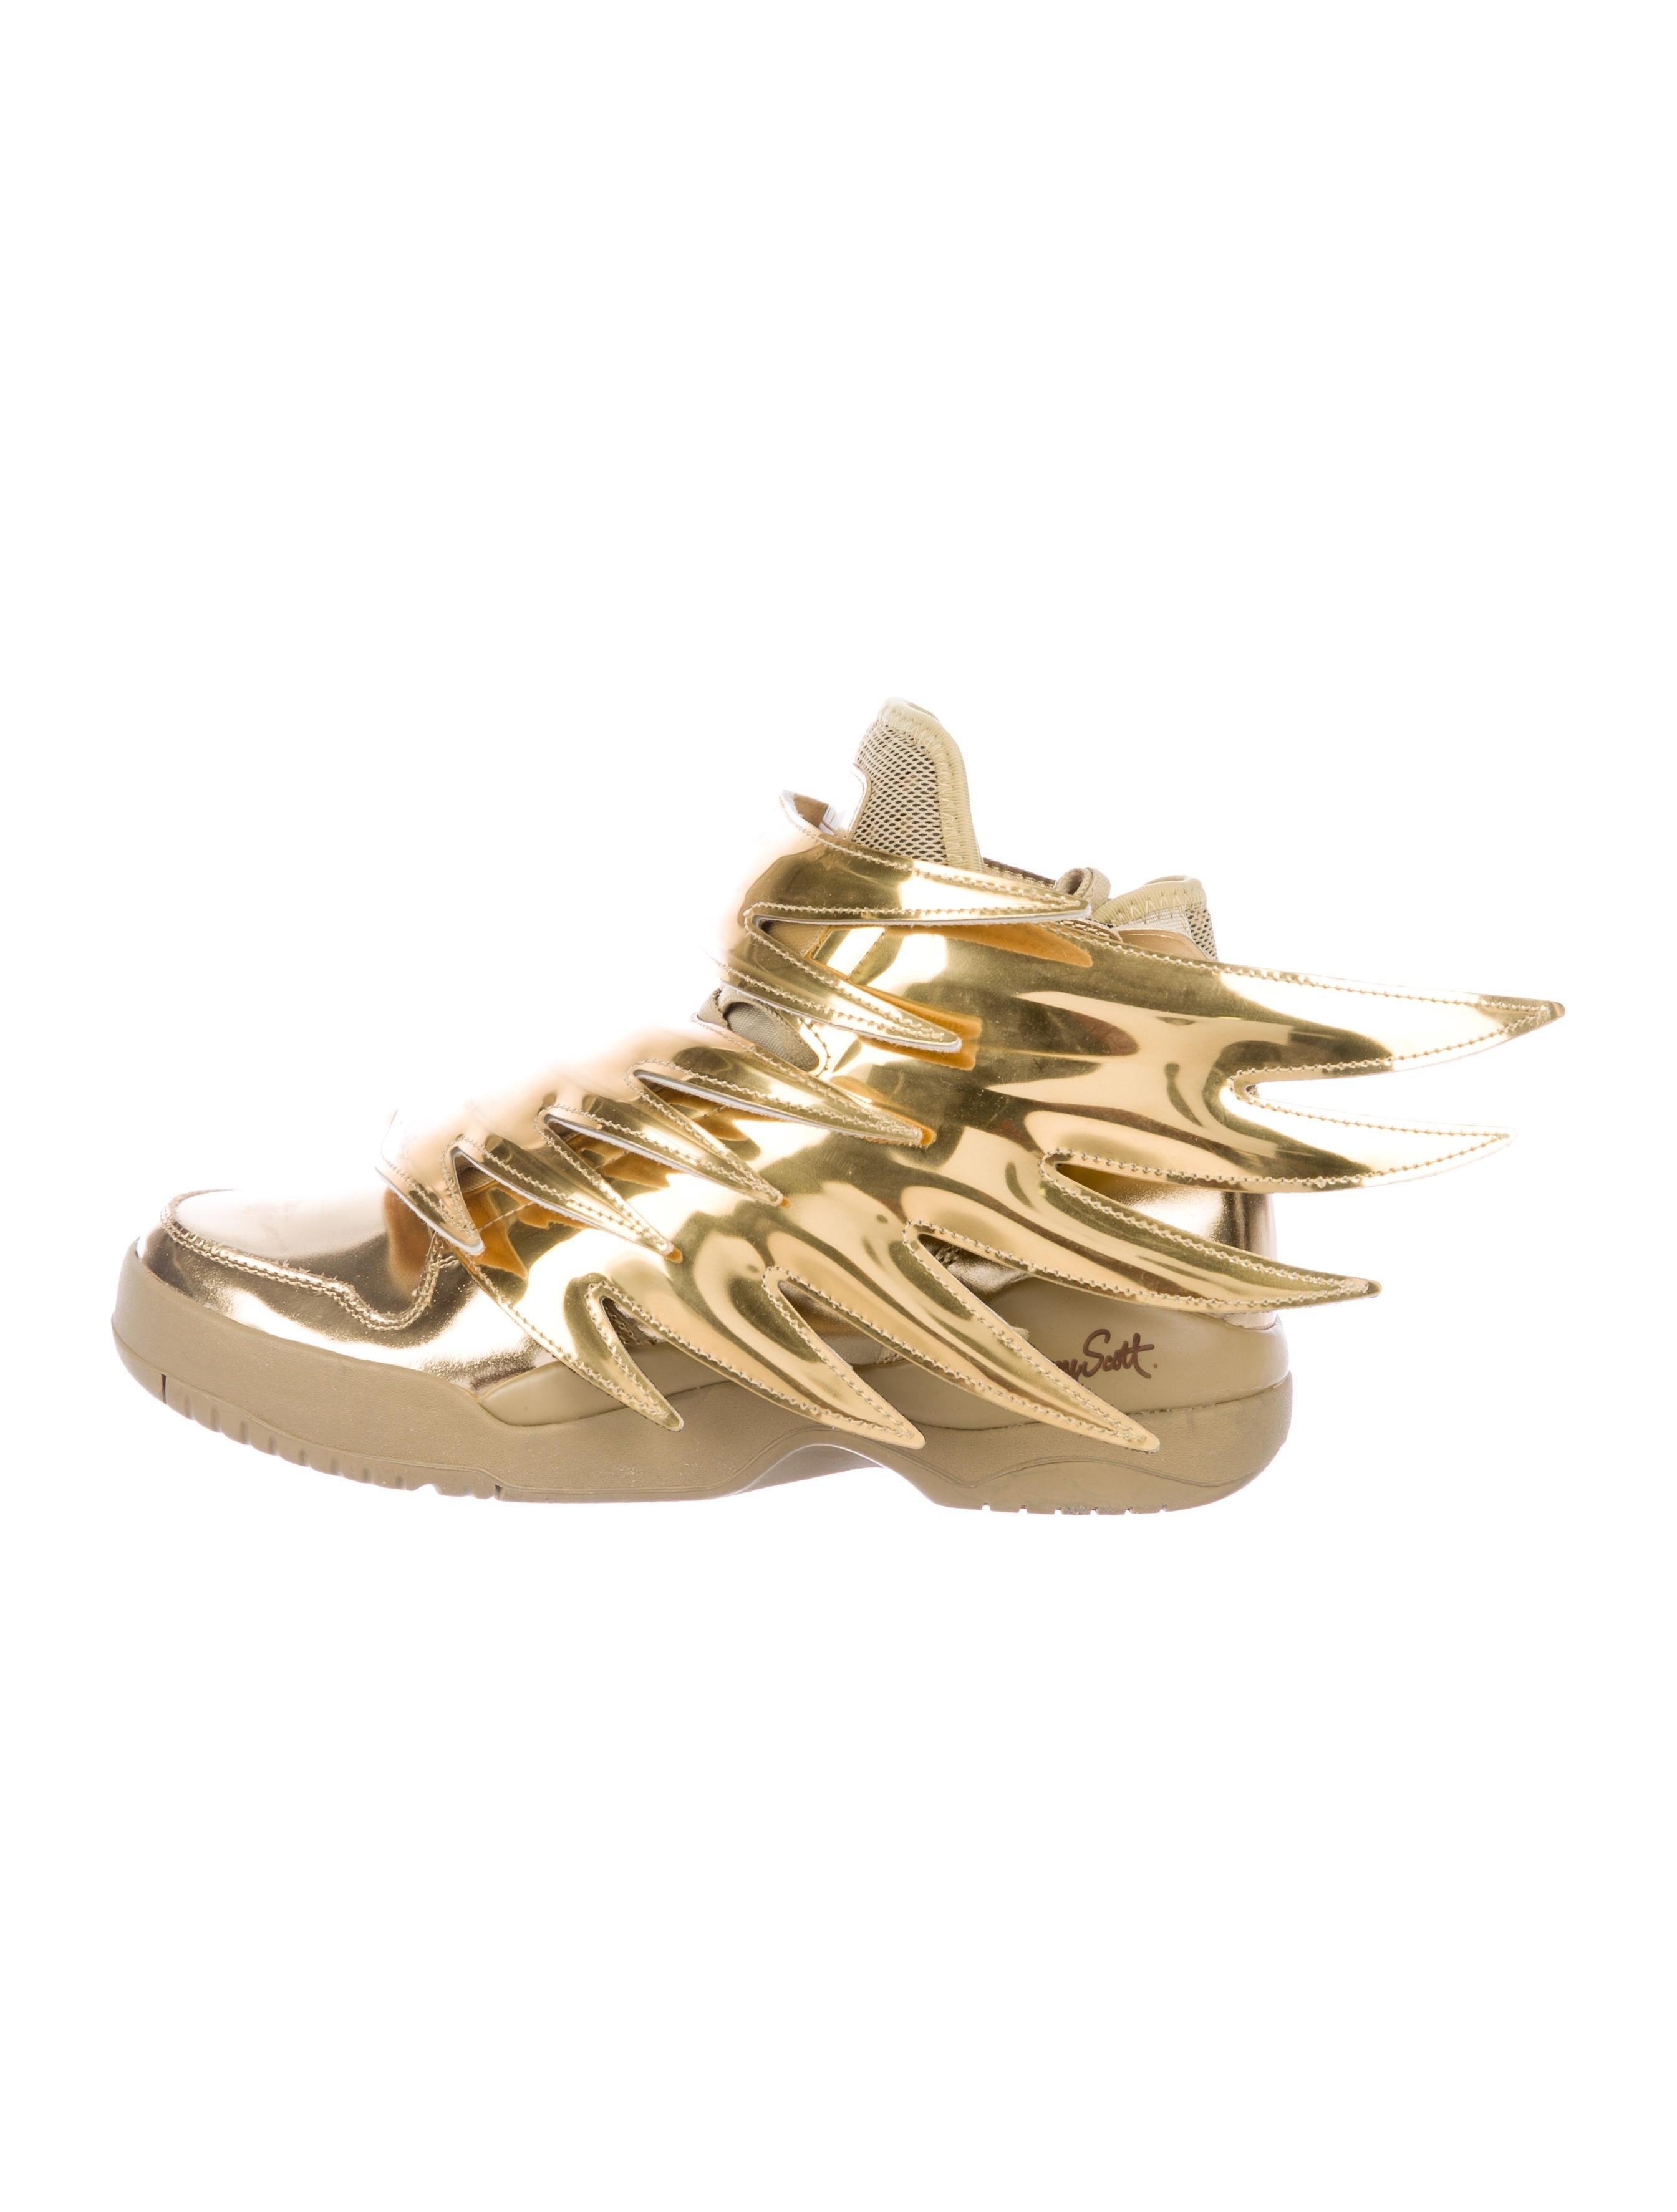 Jeremy Scott x adidas Originals JS Mega Softcell Sandal